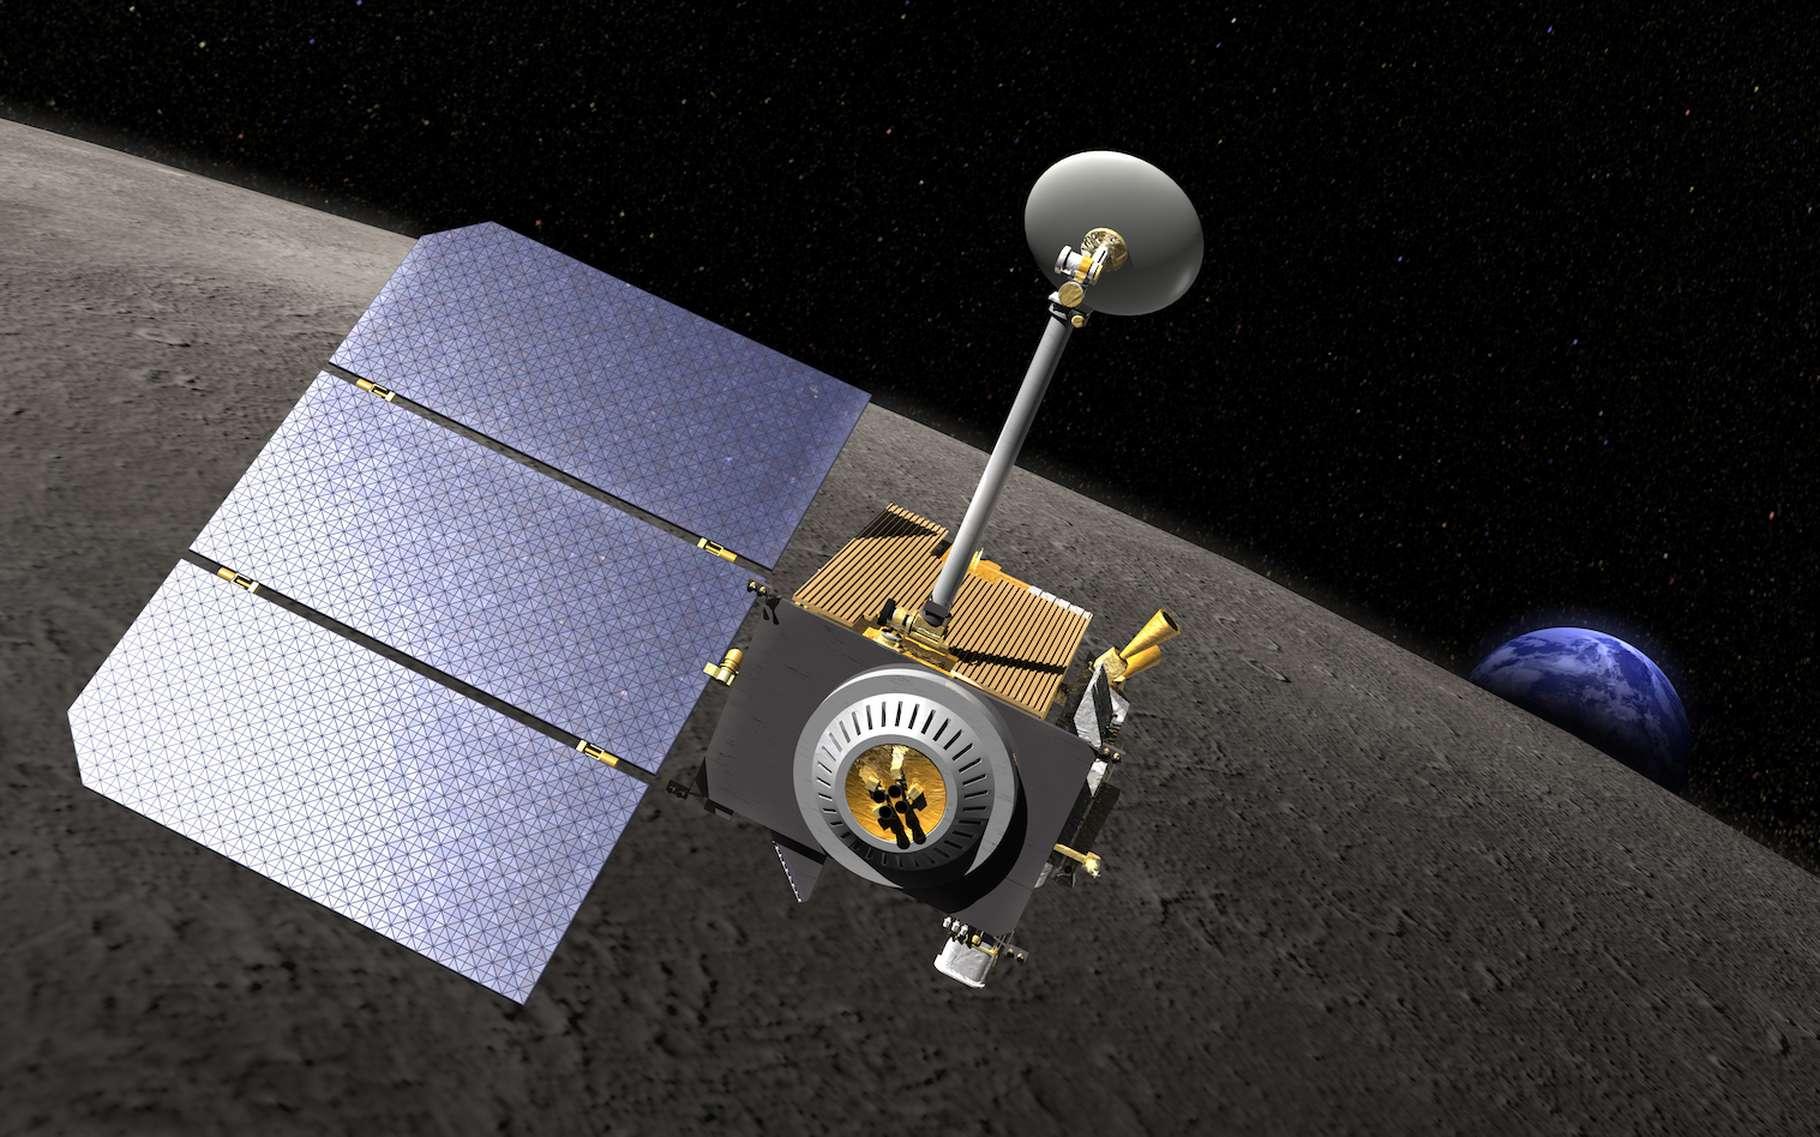 Les images fournies par la sonde Lunar Reconnaissance Orbiter (LRO) ont permis aux chercheurs de retracer les parcours des deux premiers Hommes sur la Lune, Neil Armstrong et Buzz Aldrin. © Nasa